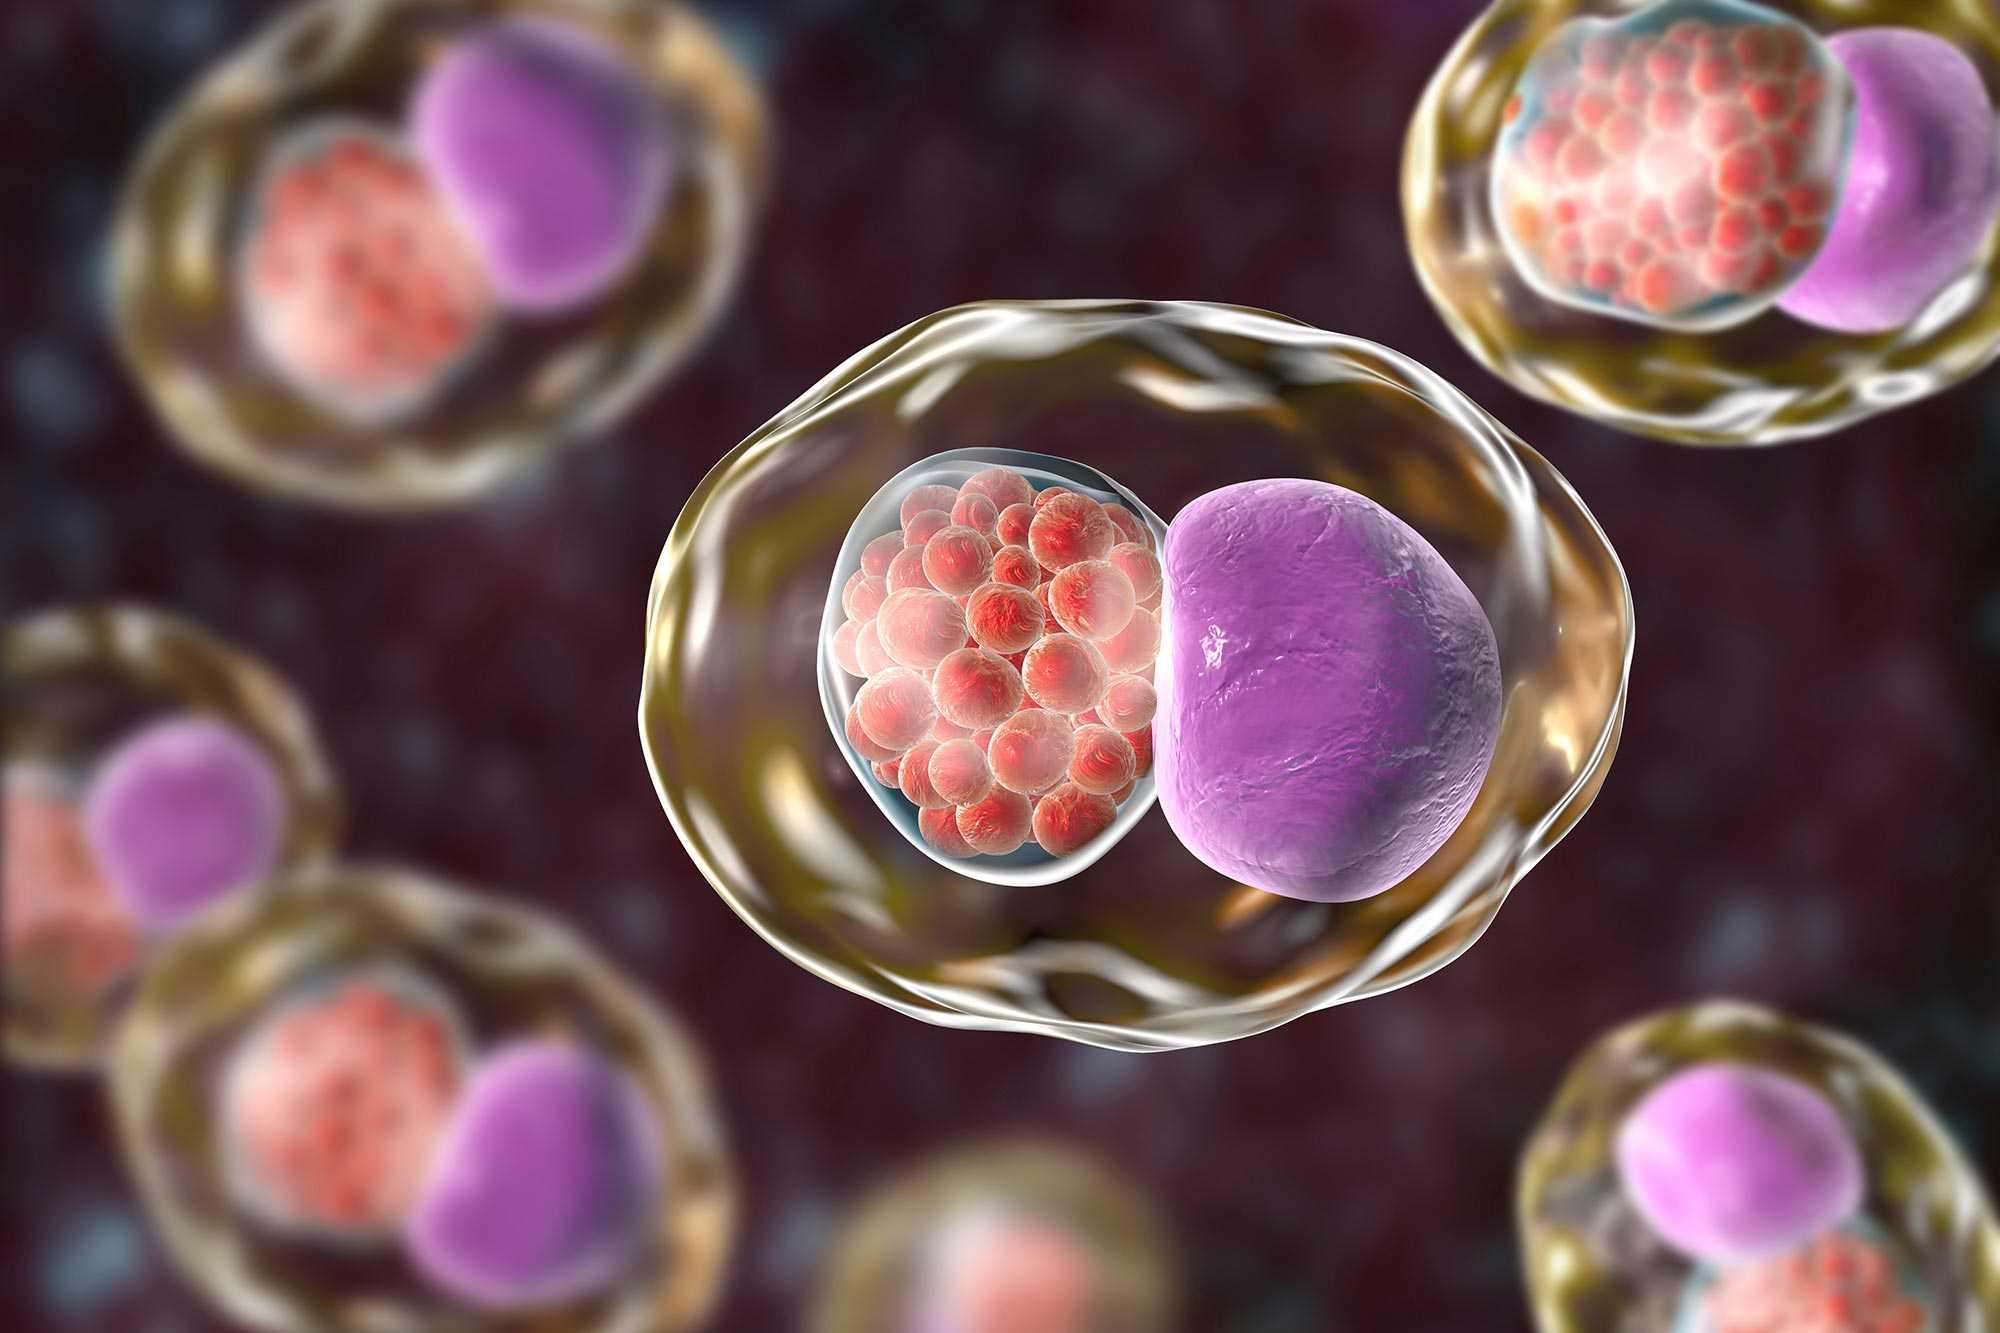 Jahrelang mann chlamydien unbemerkt orhallawi